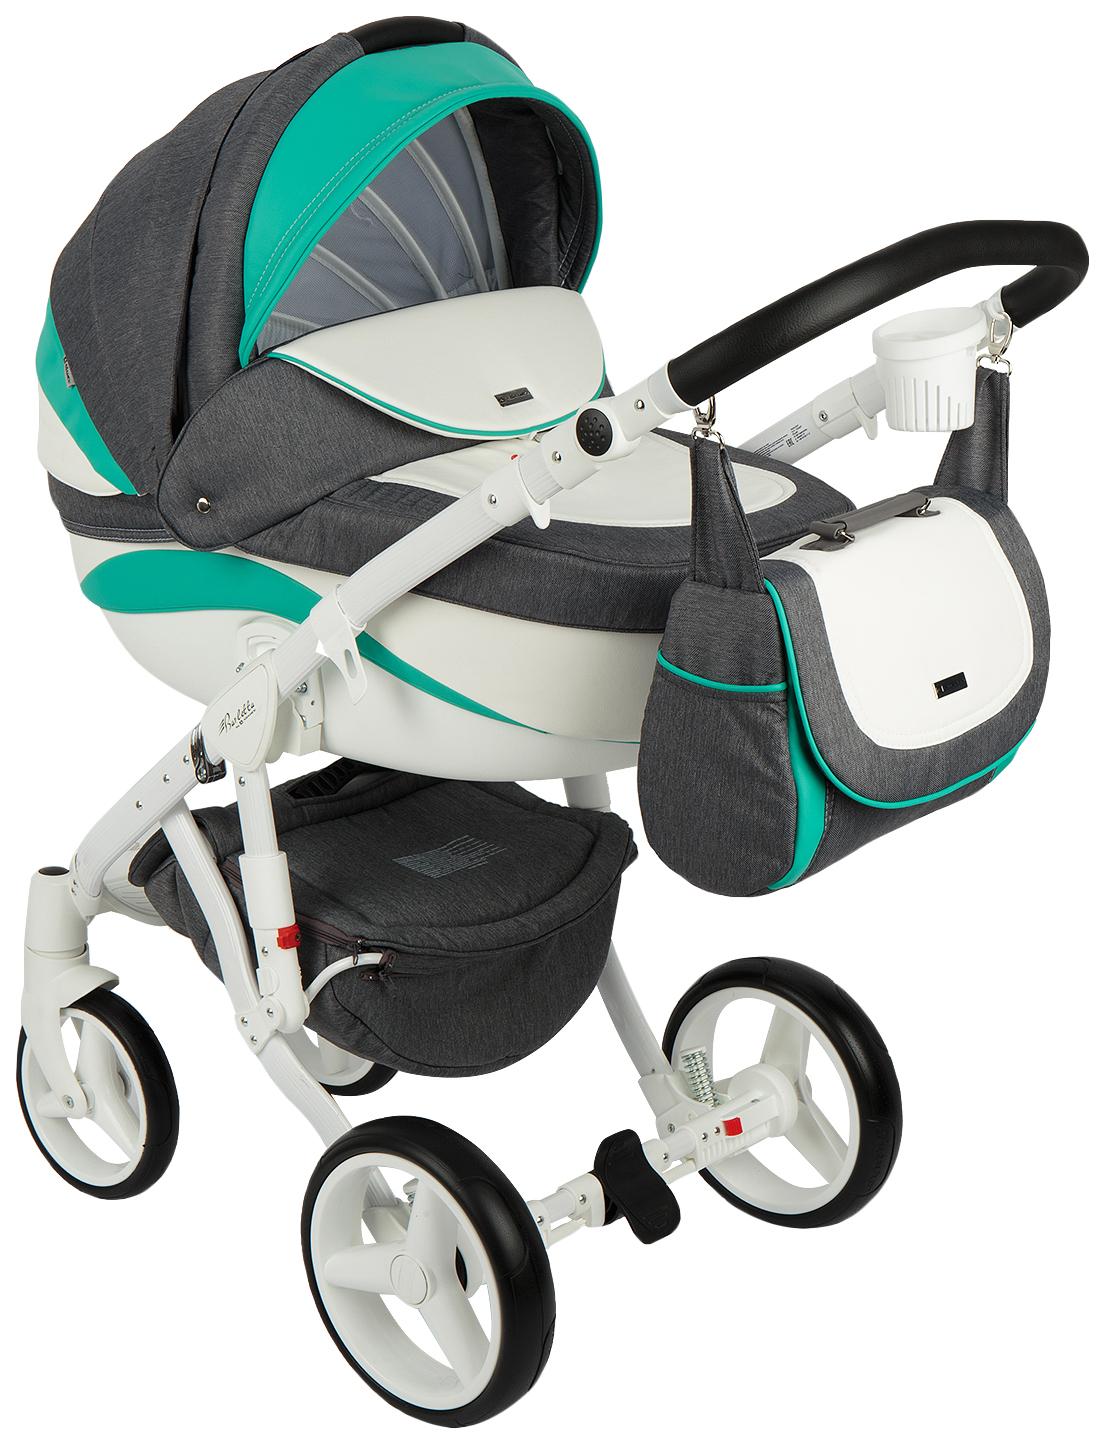 Купить Коляска 2 в 1 Adamex Barletta New B-20, Детские коляски 2 в 1